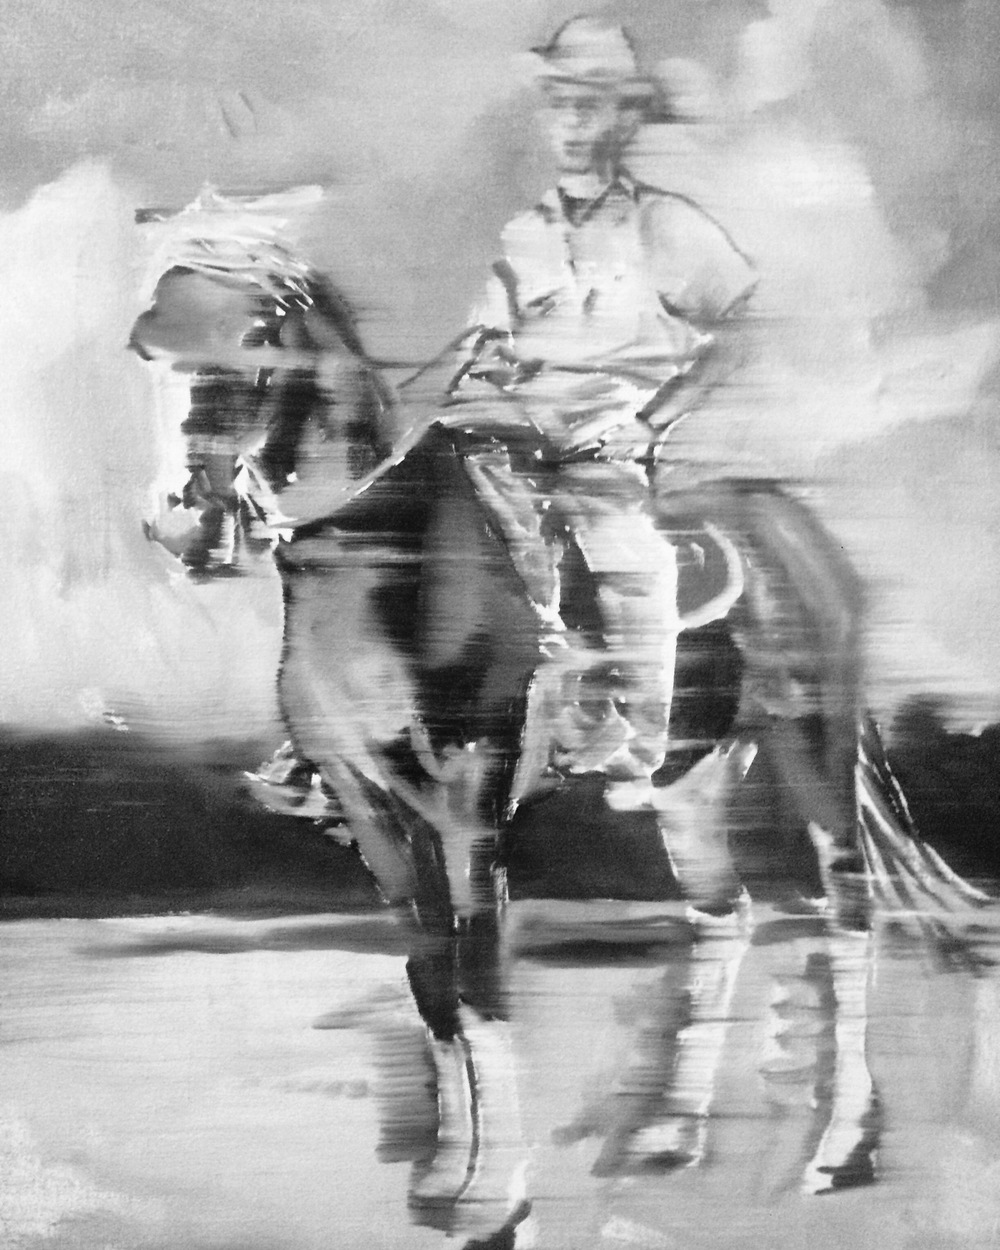 blurredcowboy.JPG